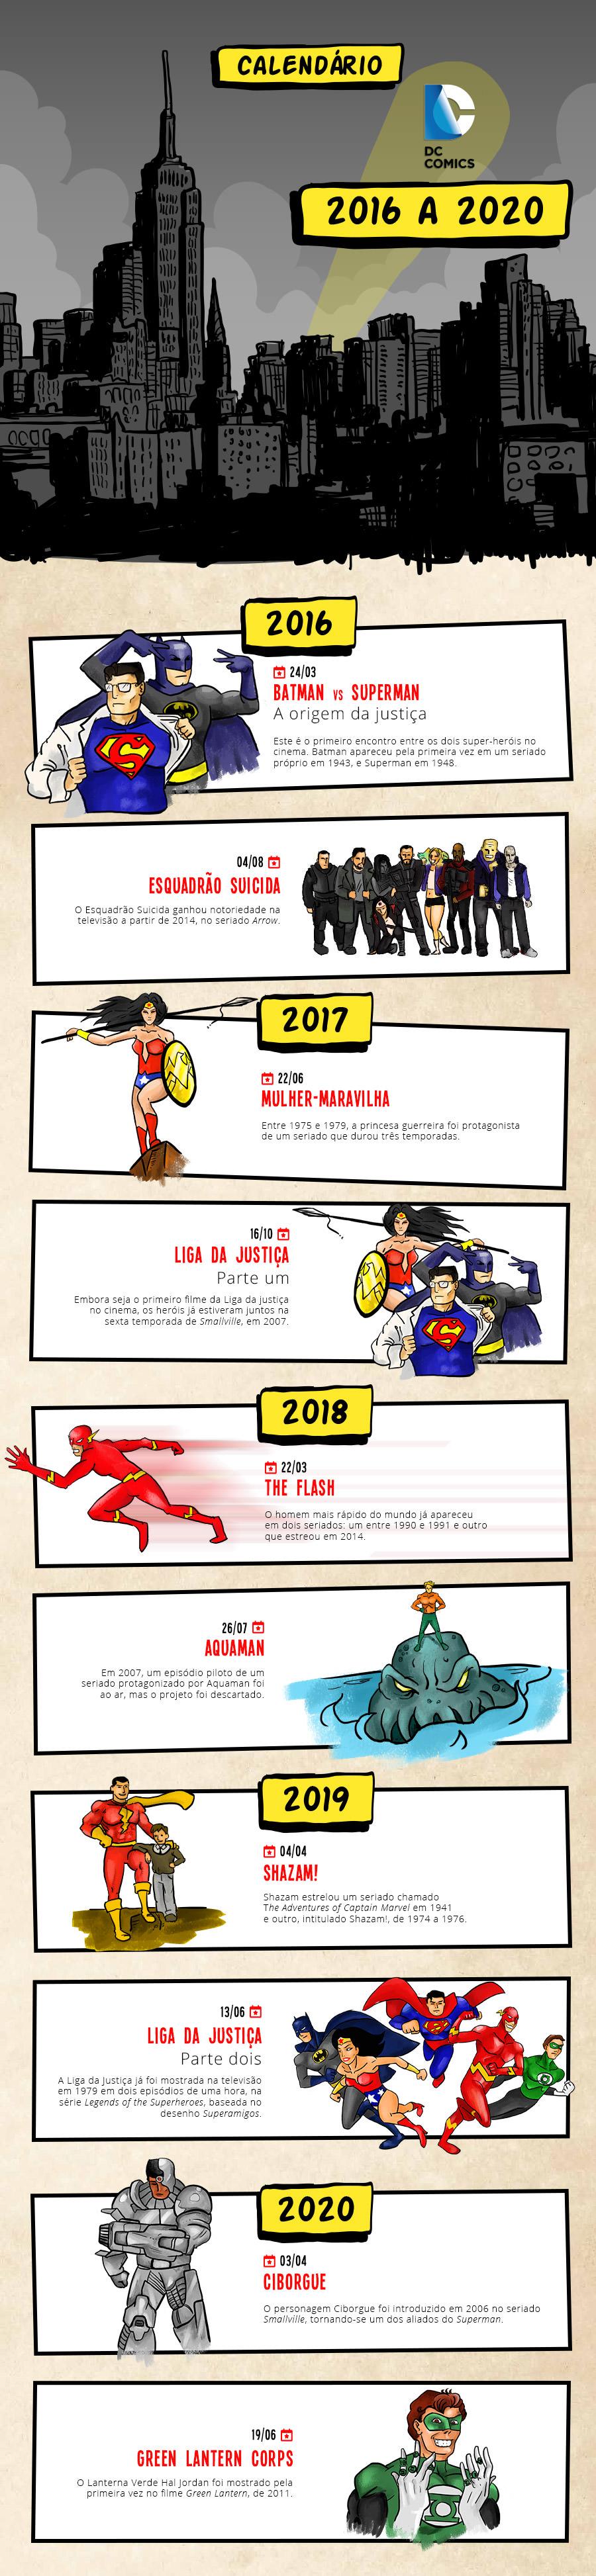 Todos os lançamentos da DC Comics até 2020